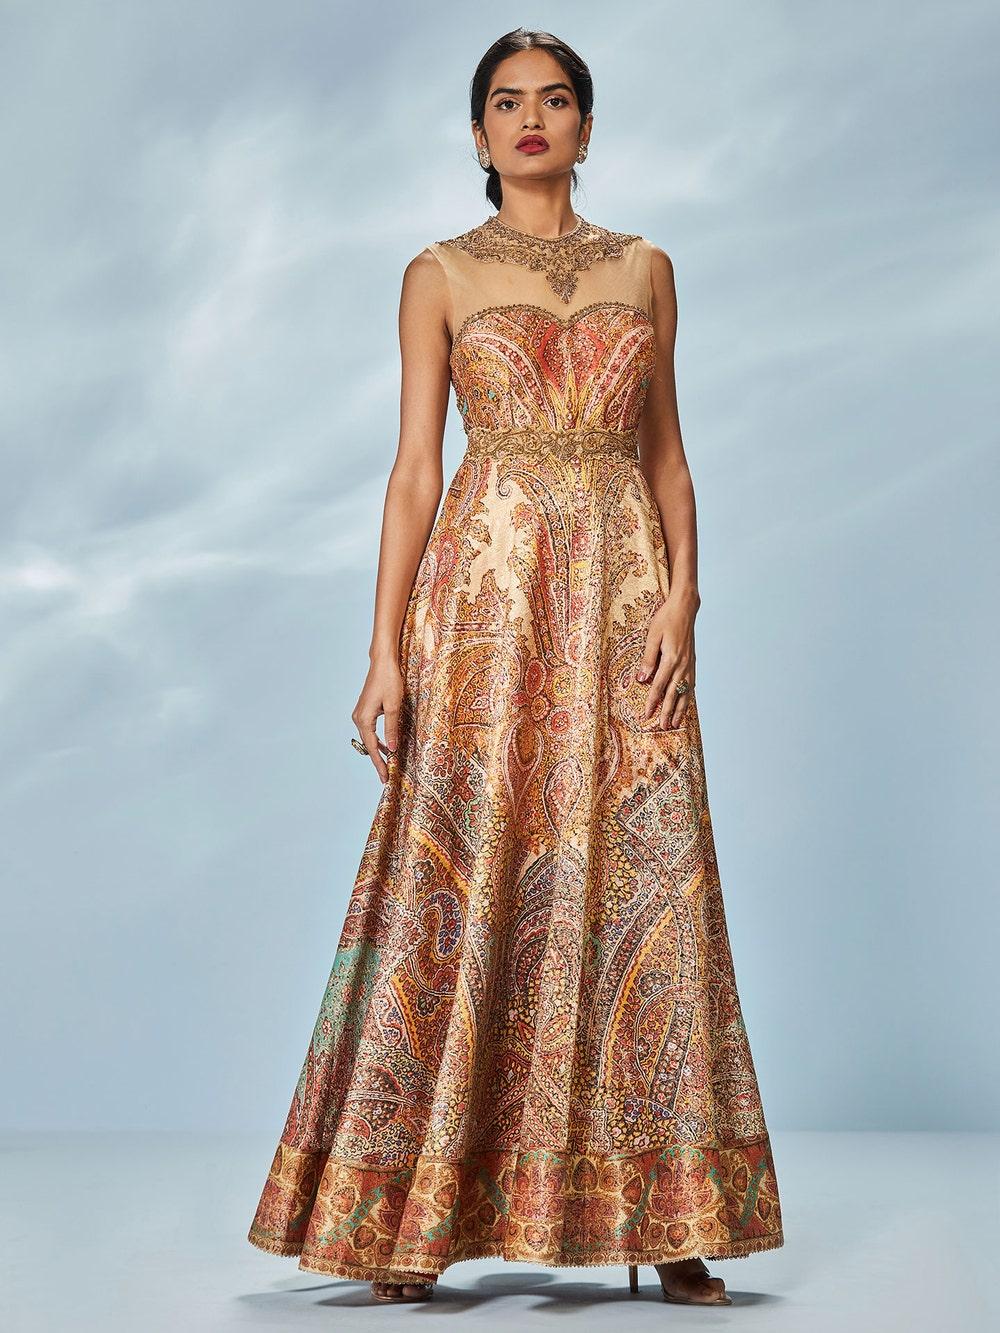 Burnt Orange & Multi Colored Niscira Zardozi Hand Embroidered Gown